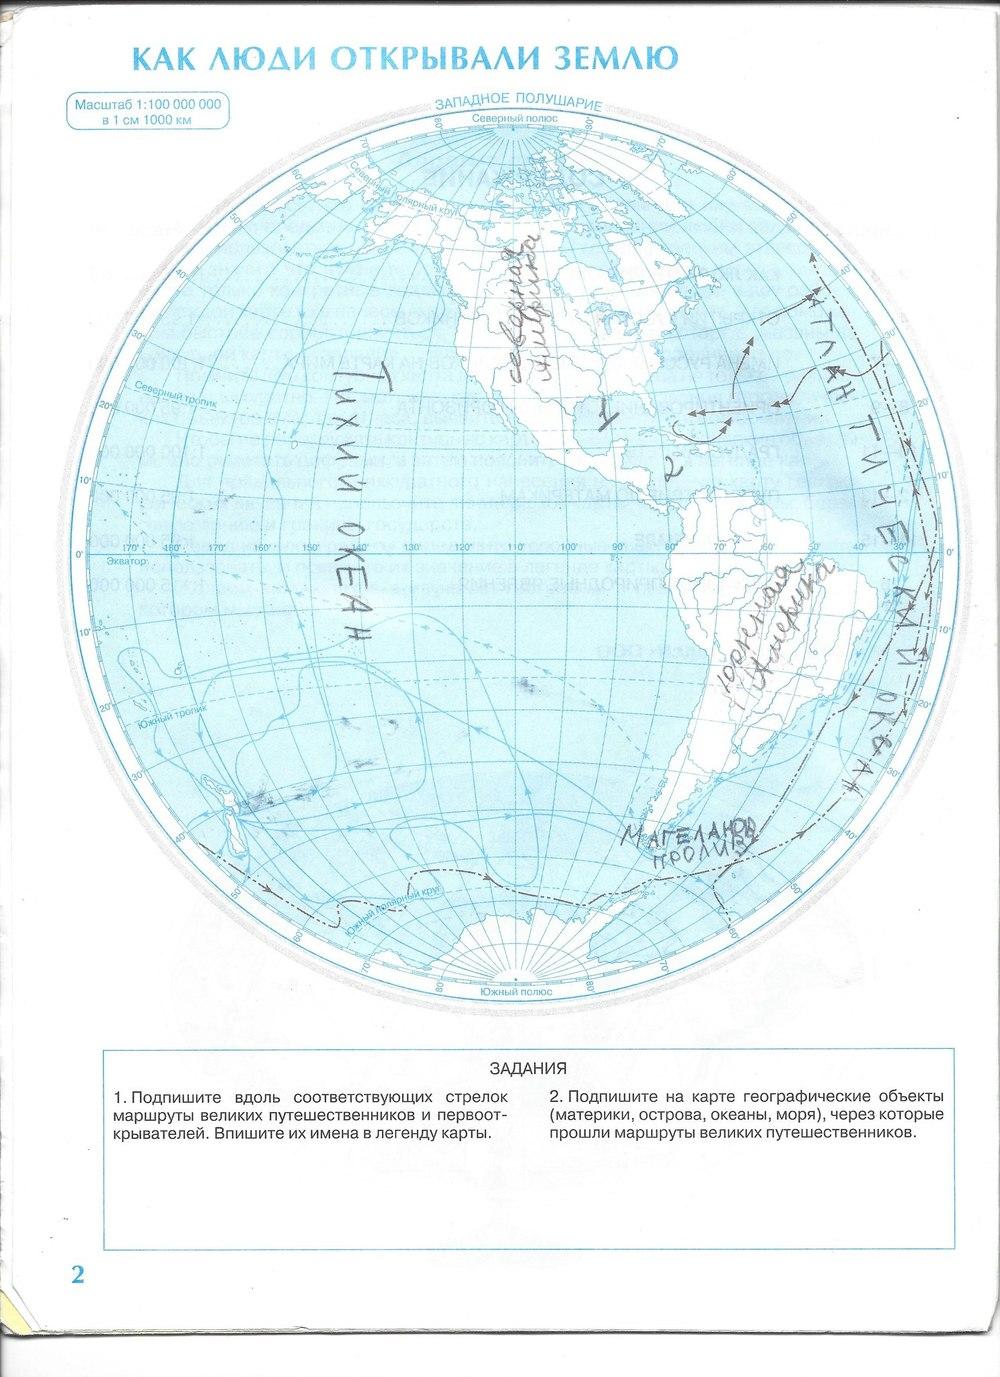 Гдз По Атласу 5 Класс География Контурные Карты Ответы